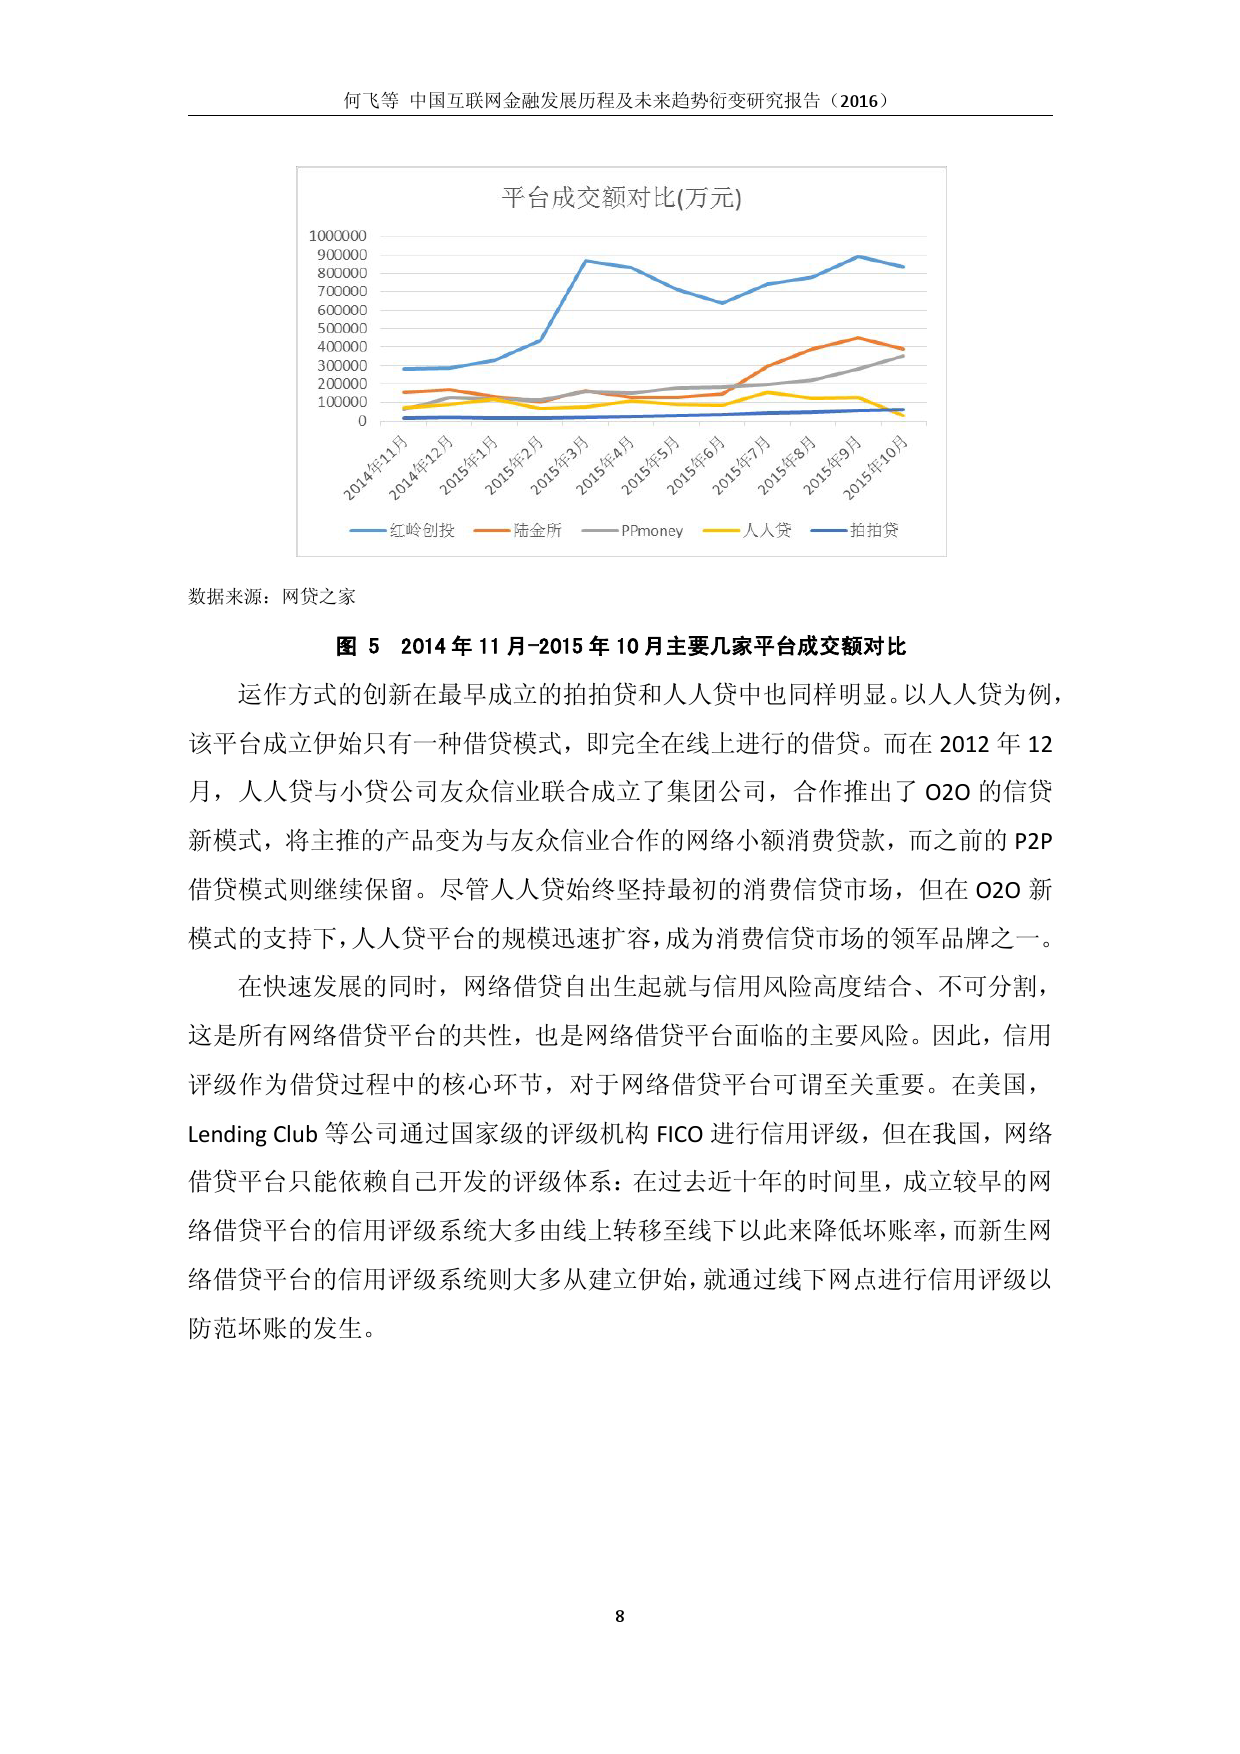 中国互联网金融发展历程及未来趋势衍变研究报告(2016)_000013